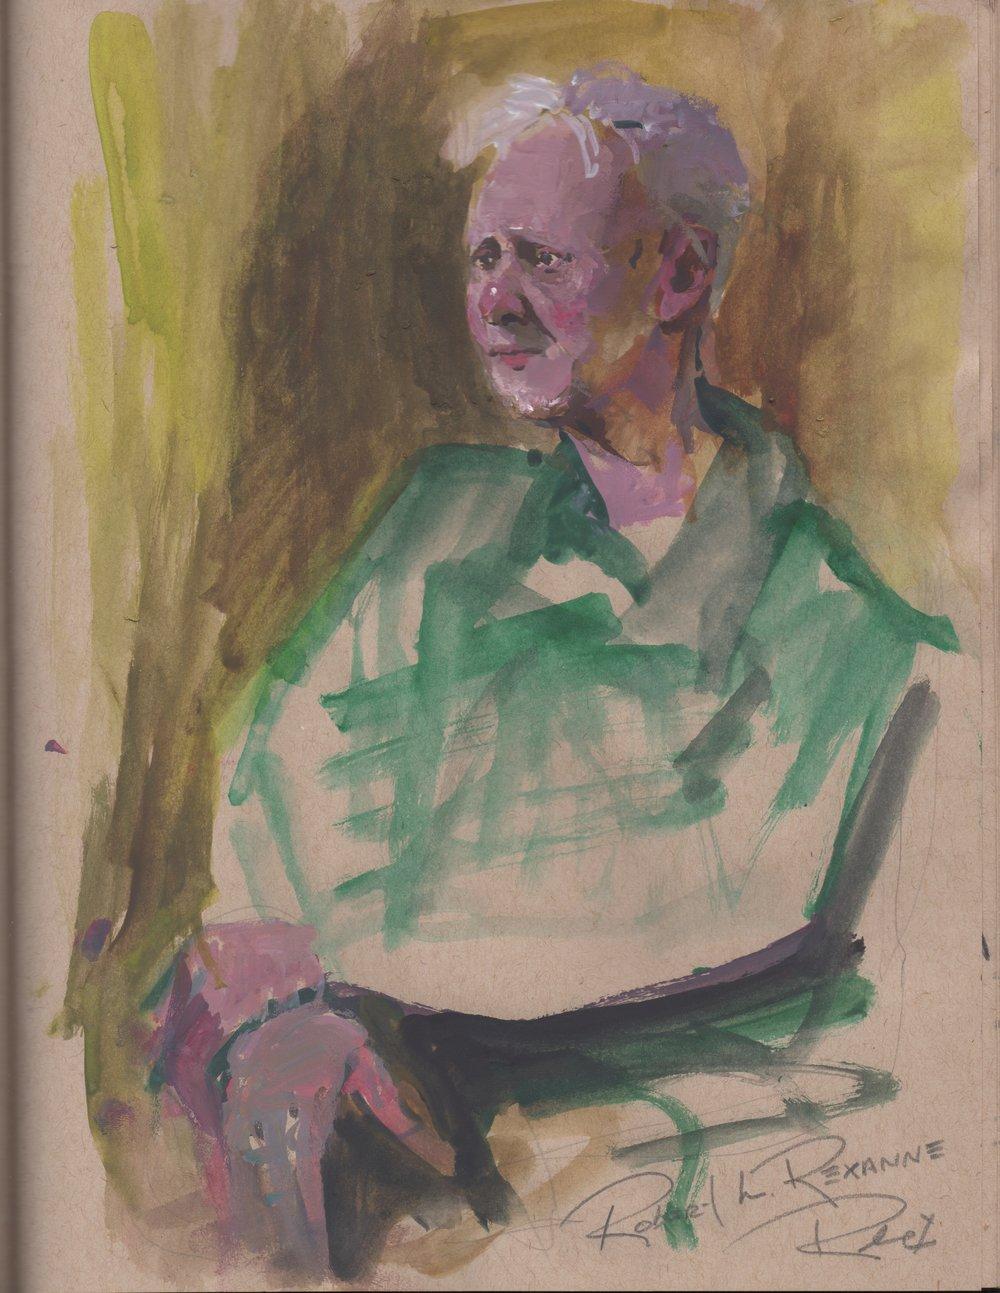 Robert Rexanne